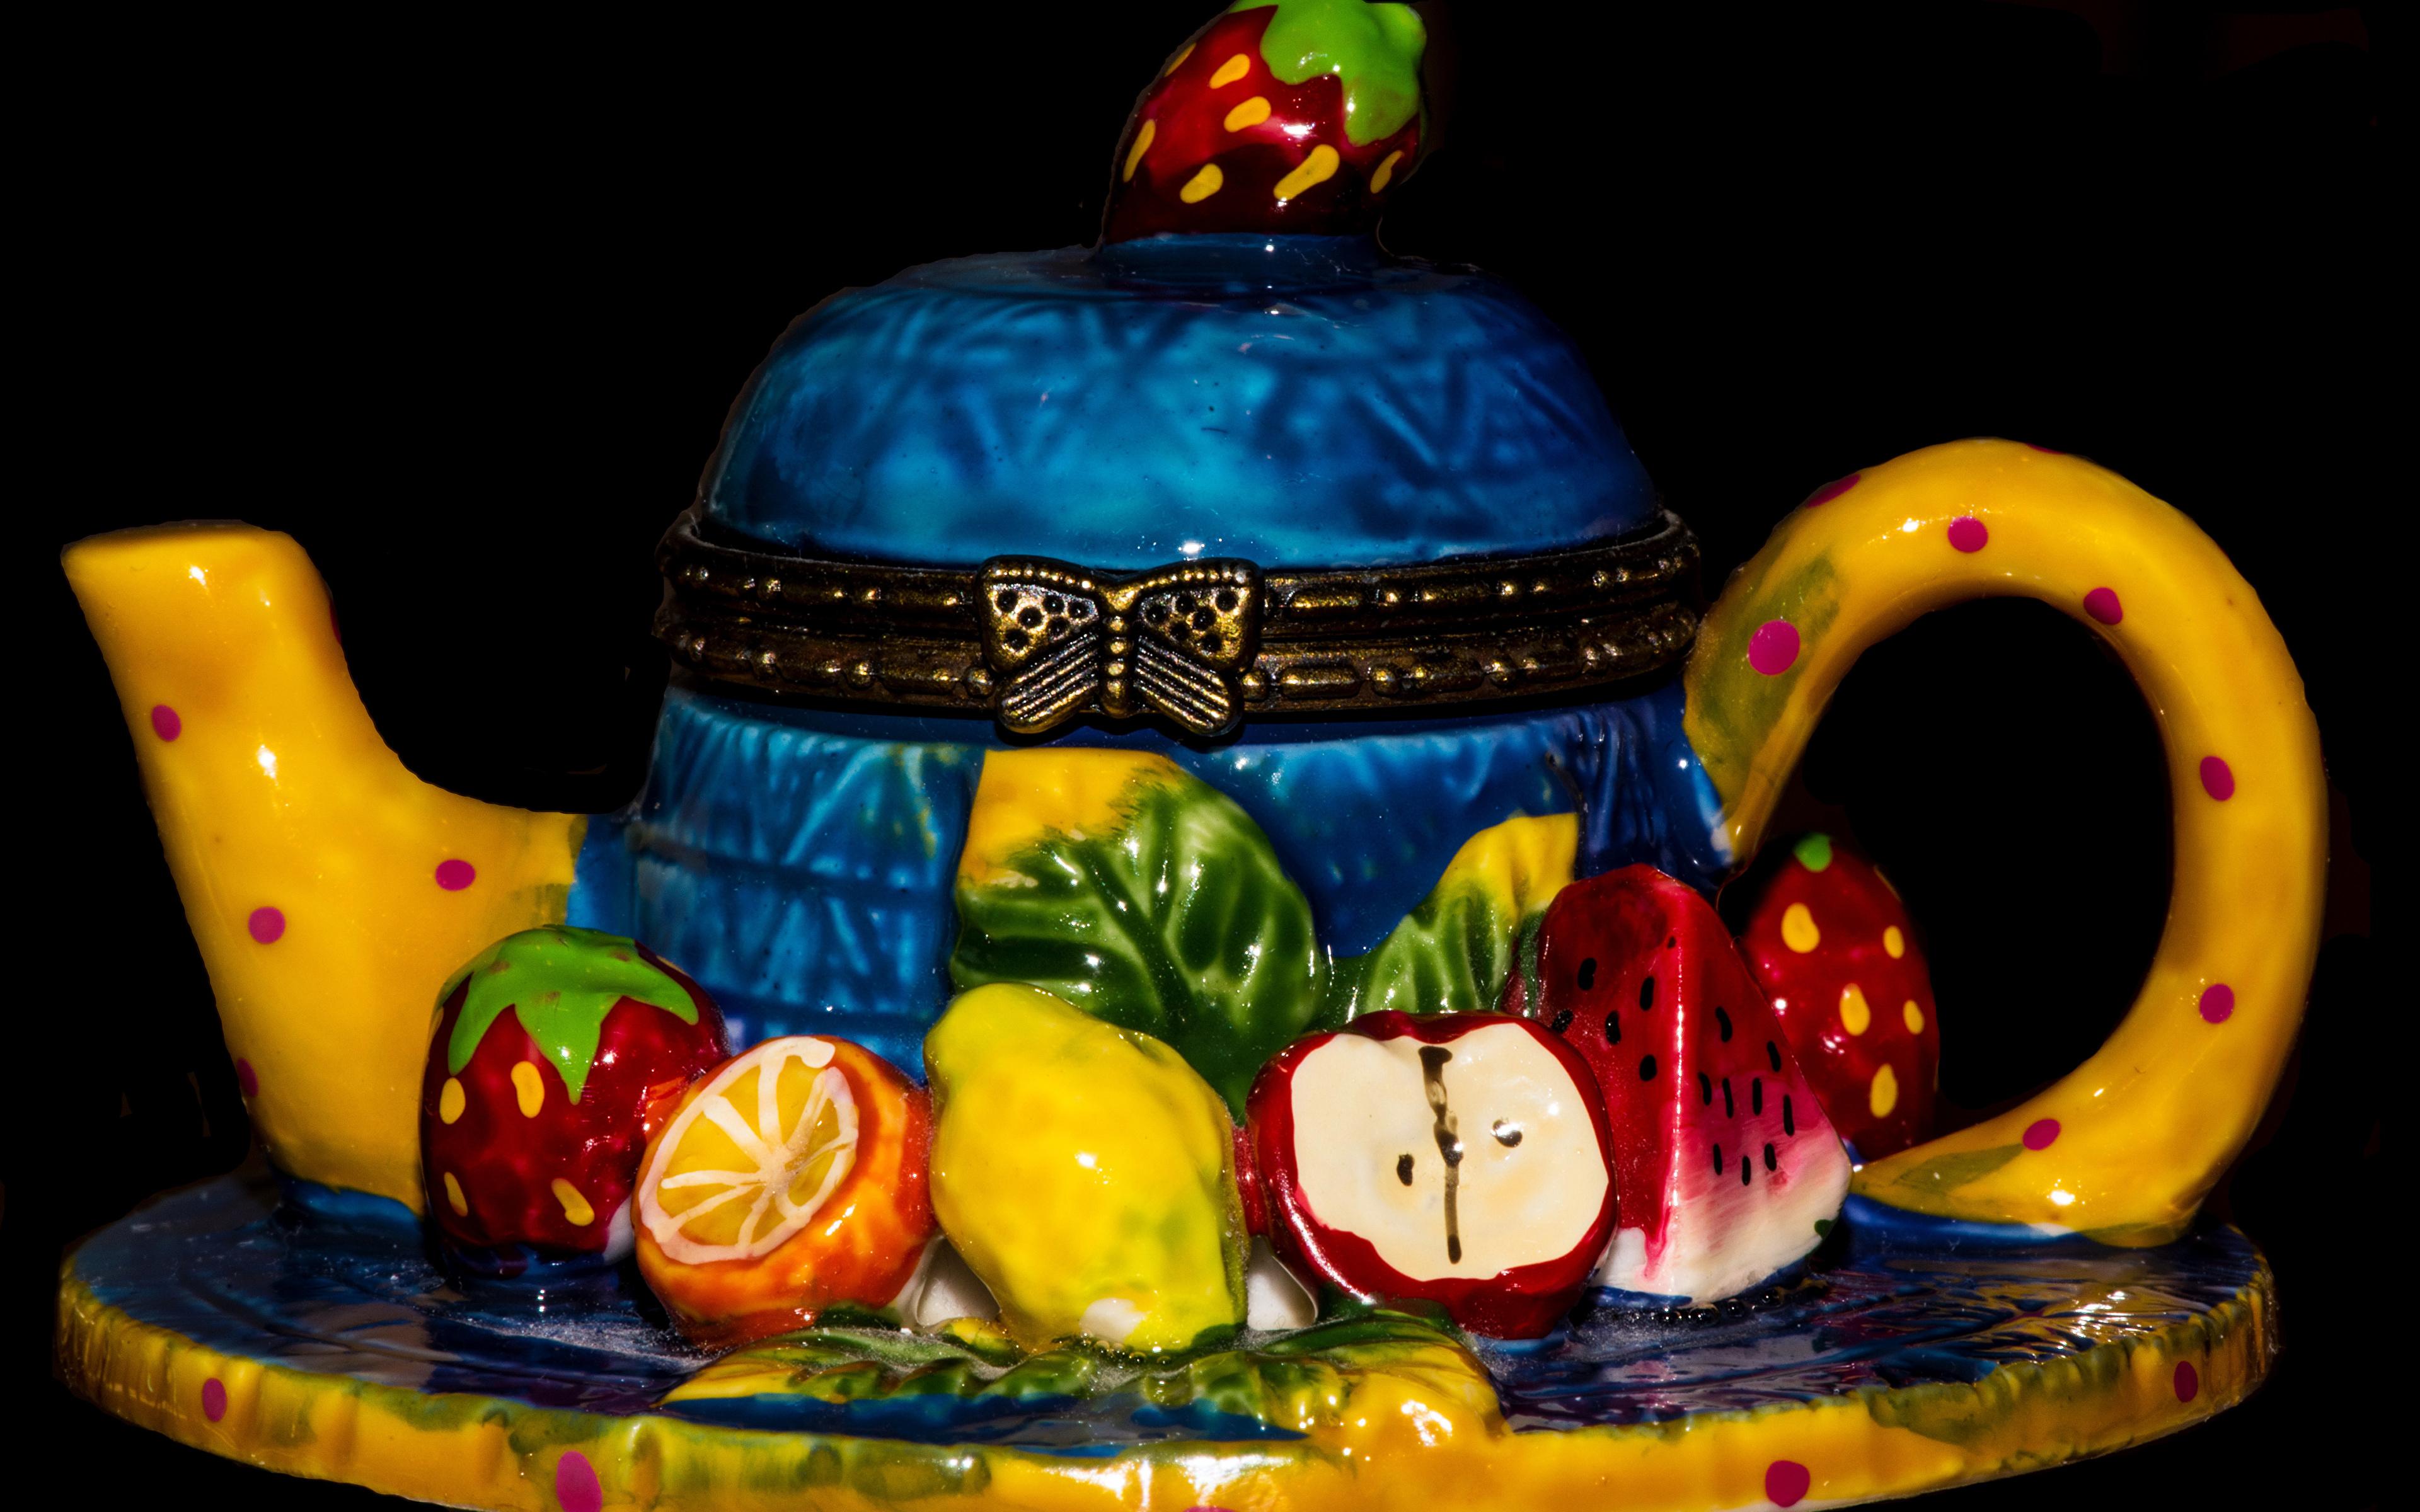 Обои для рабочего стола Торты Чайник Еда Фрукты Черный фон сладкая еда дизайна 3840x2400 Пища Продукты питания Сладости на черном фоне Дизайн